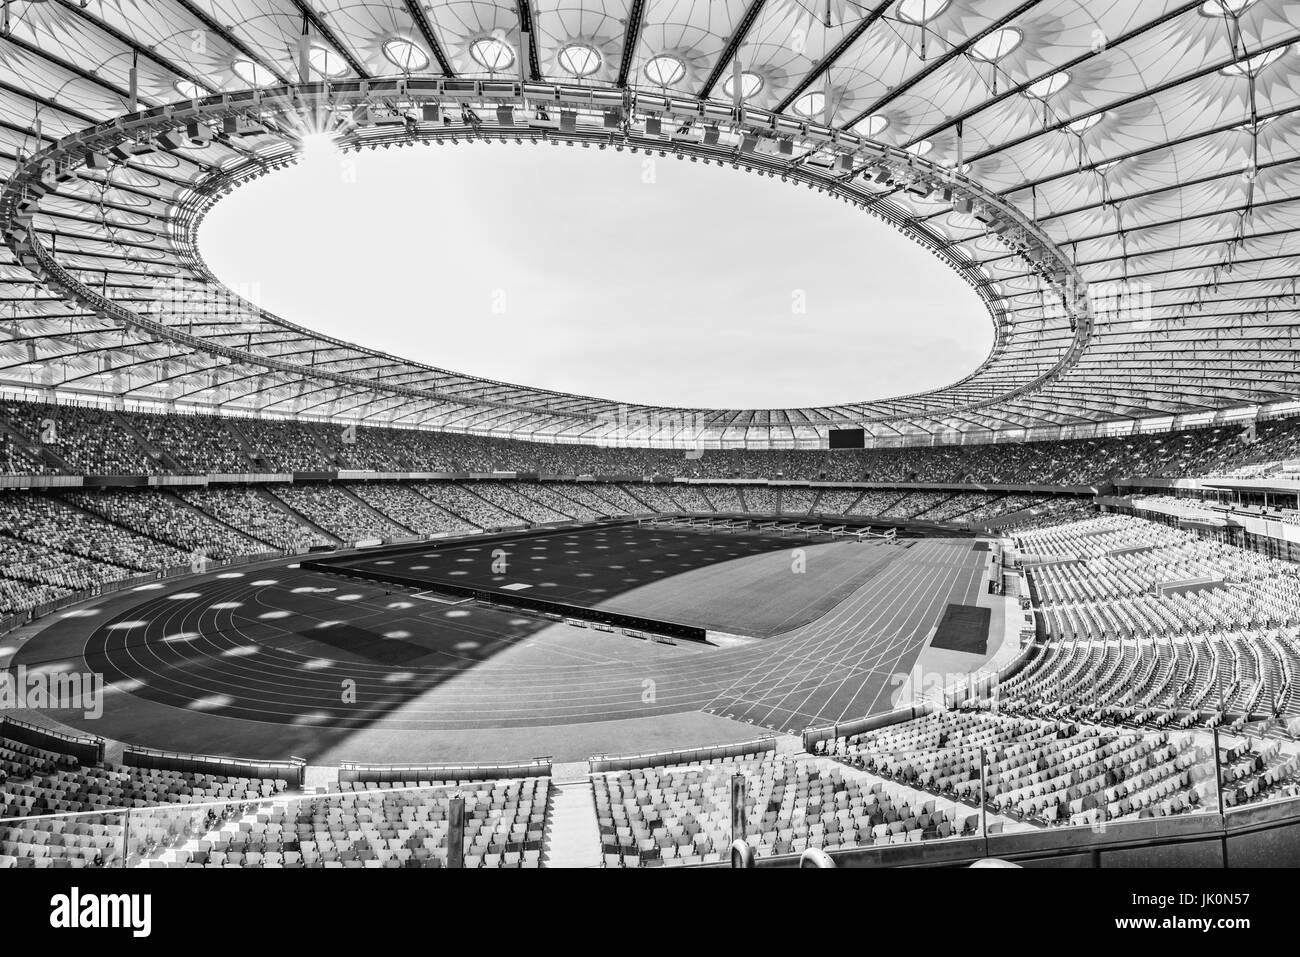 Filas de asientos del estadio amarillo y azul sobre soccer Field Stadium, en blanco y negro Imagen De Stock